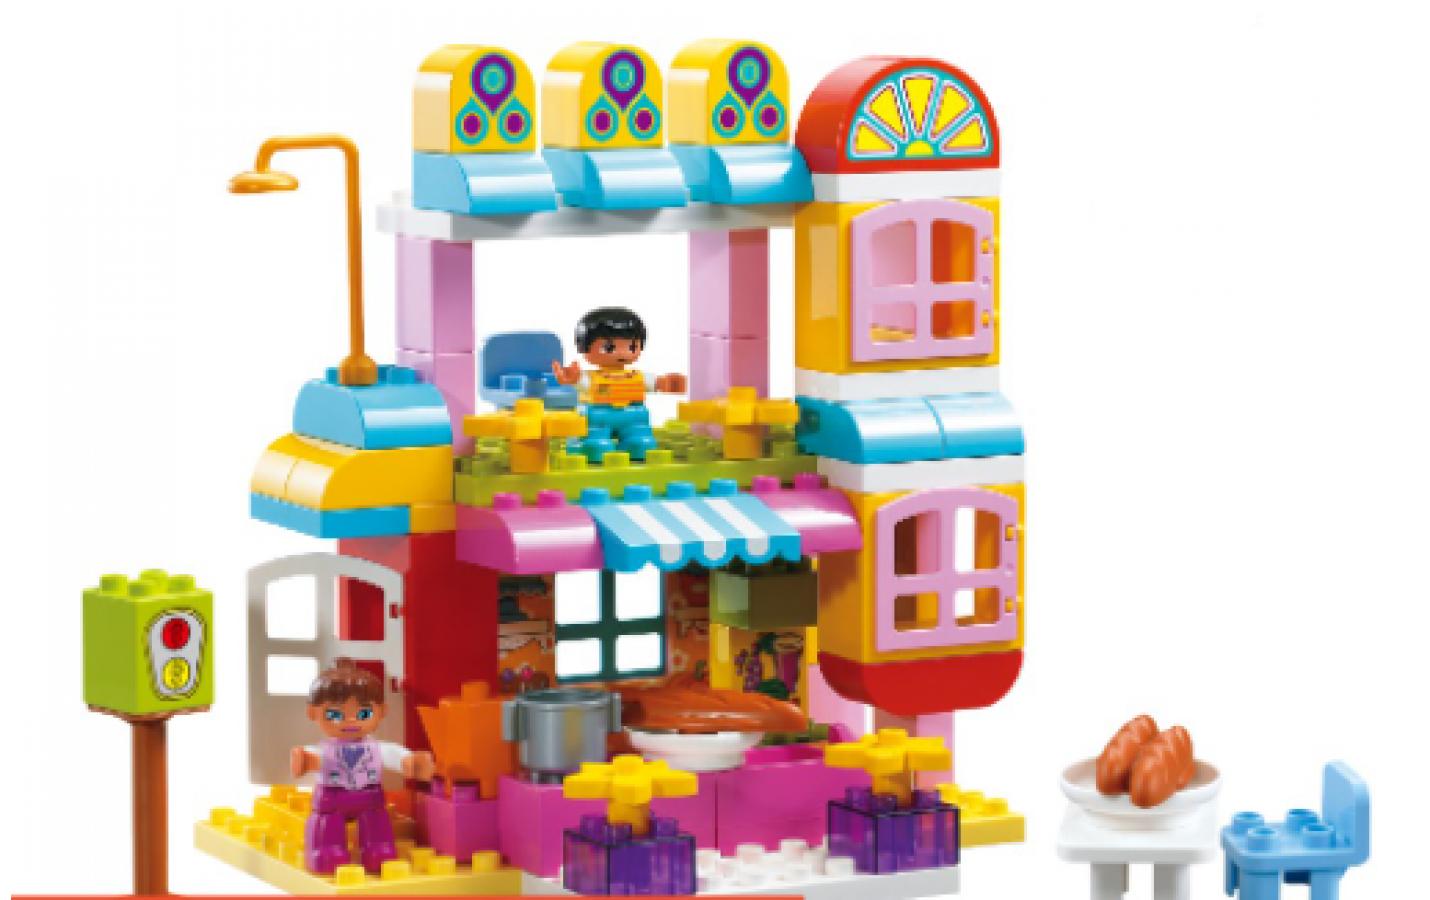 Bộ Đồ Chơi Lắp Ghép Nhà Hàng Vui Vẻ Toyshouse